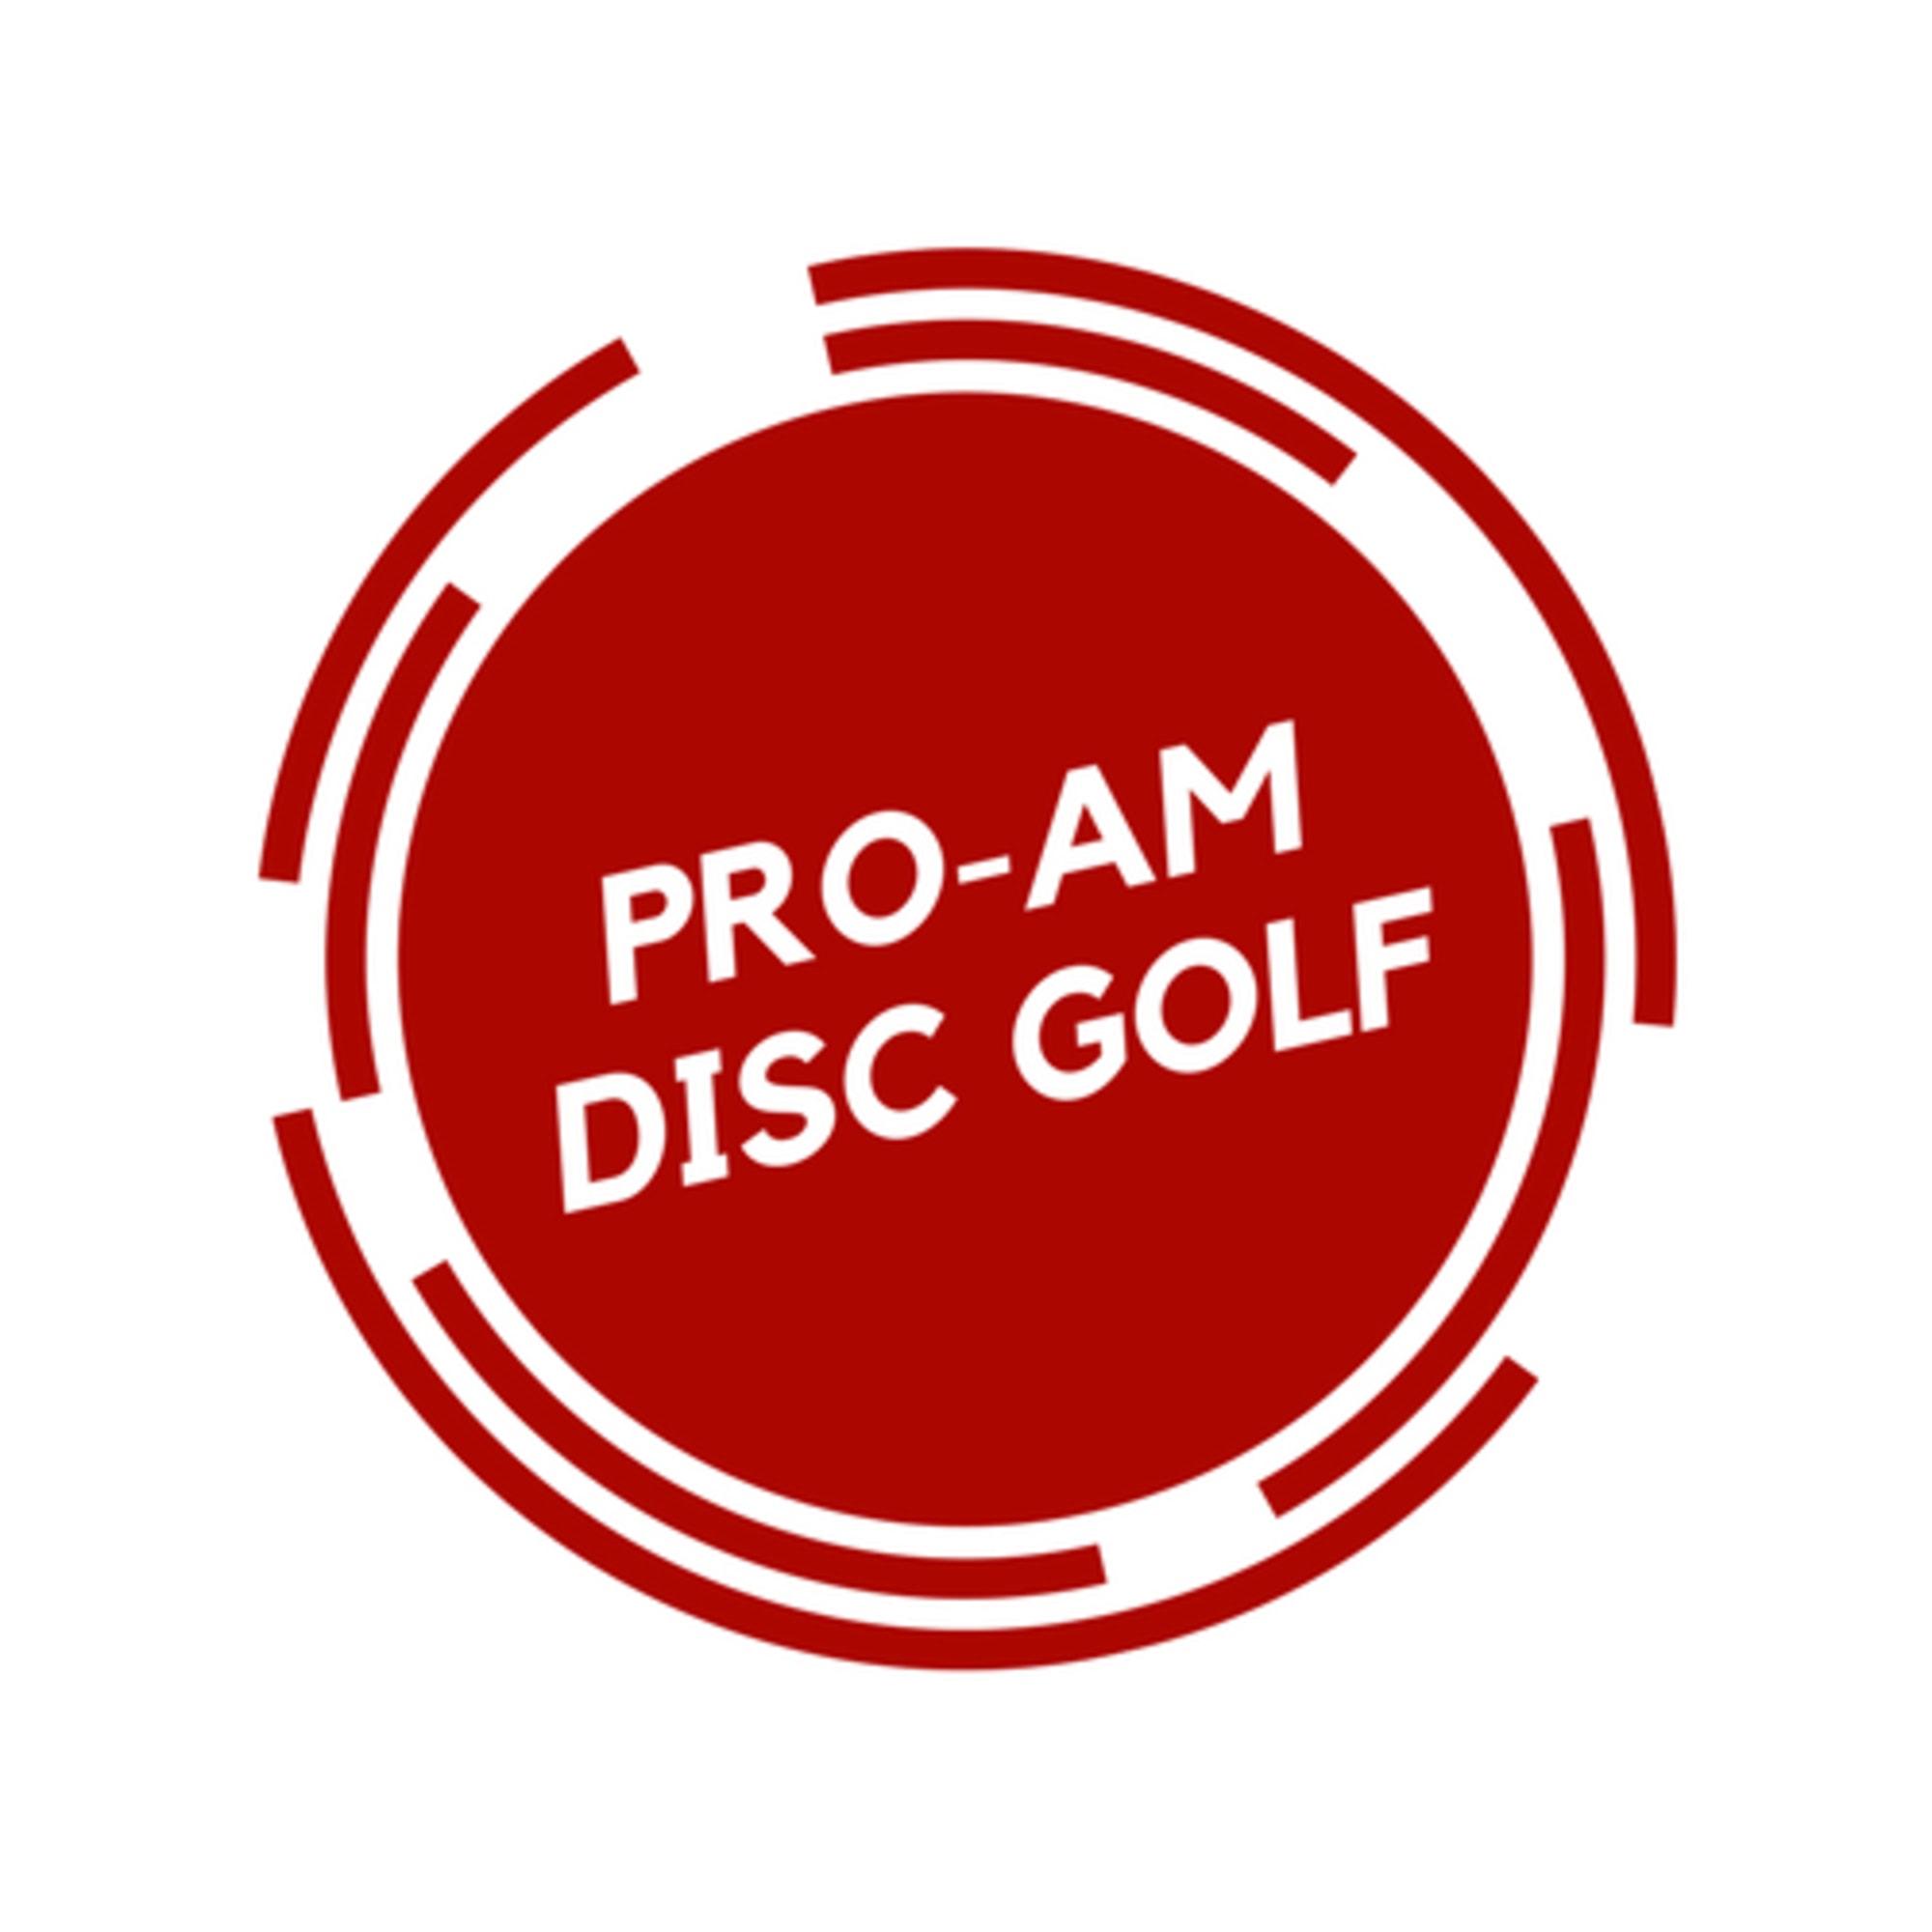 Pro-Am Disc Golf